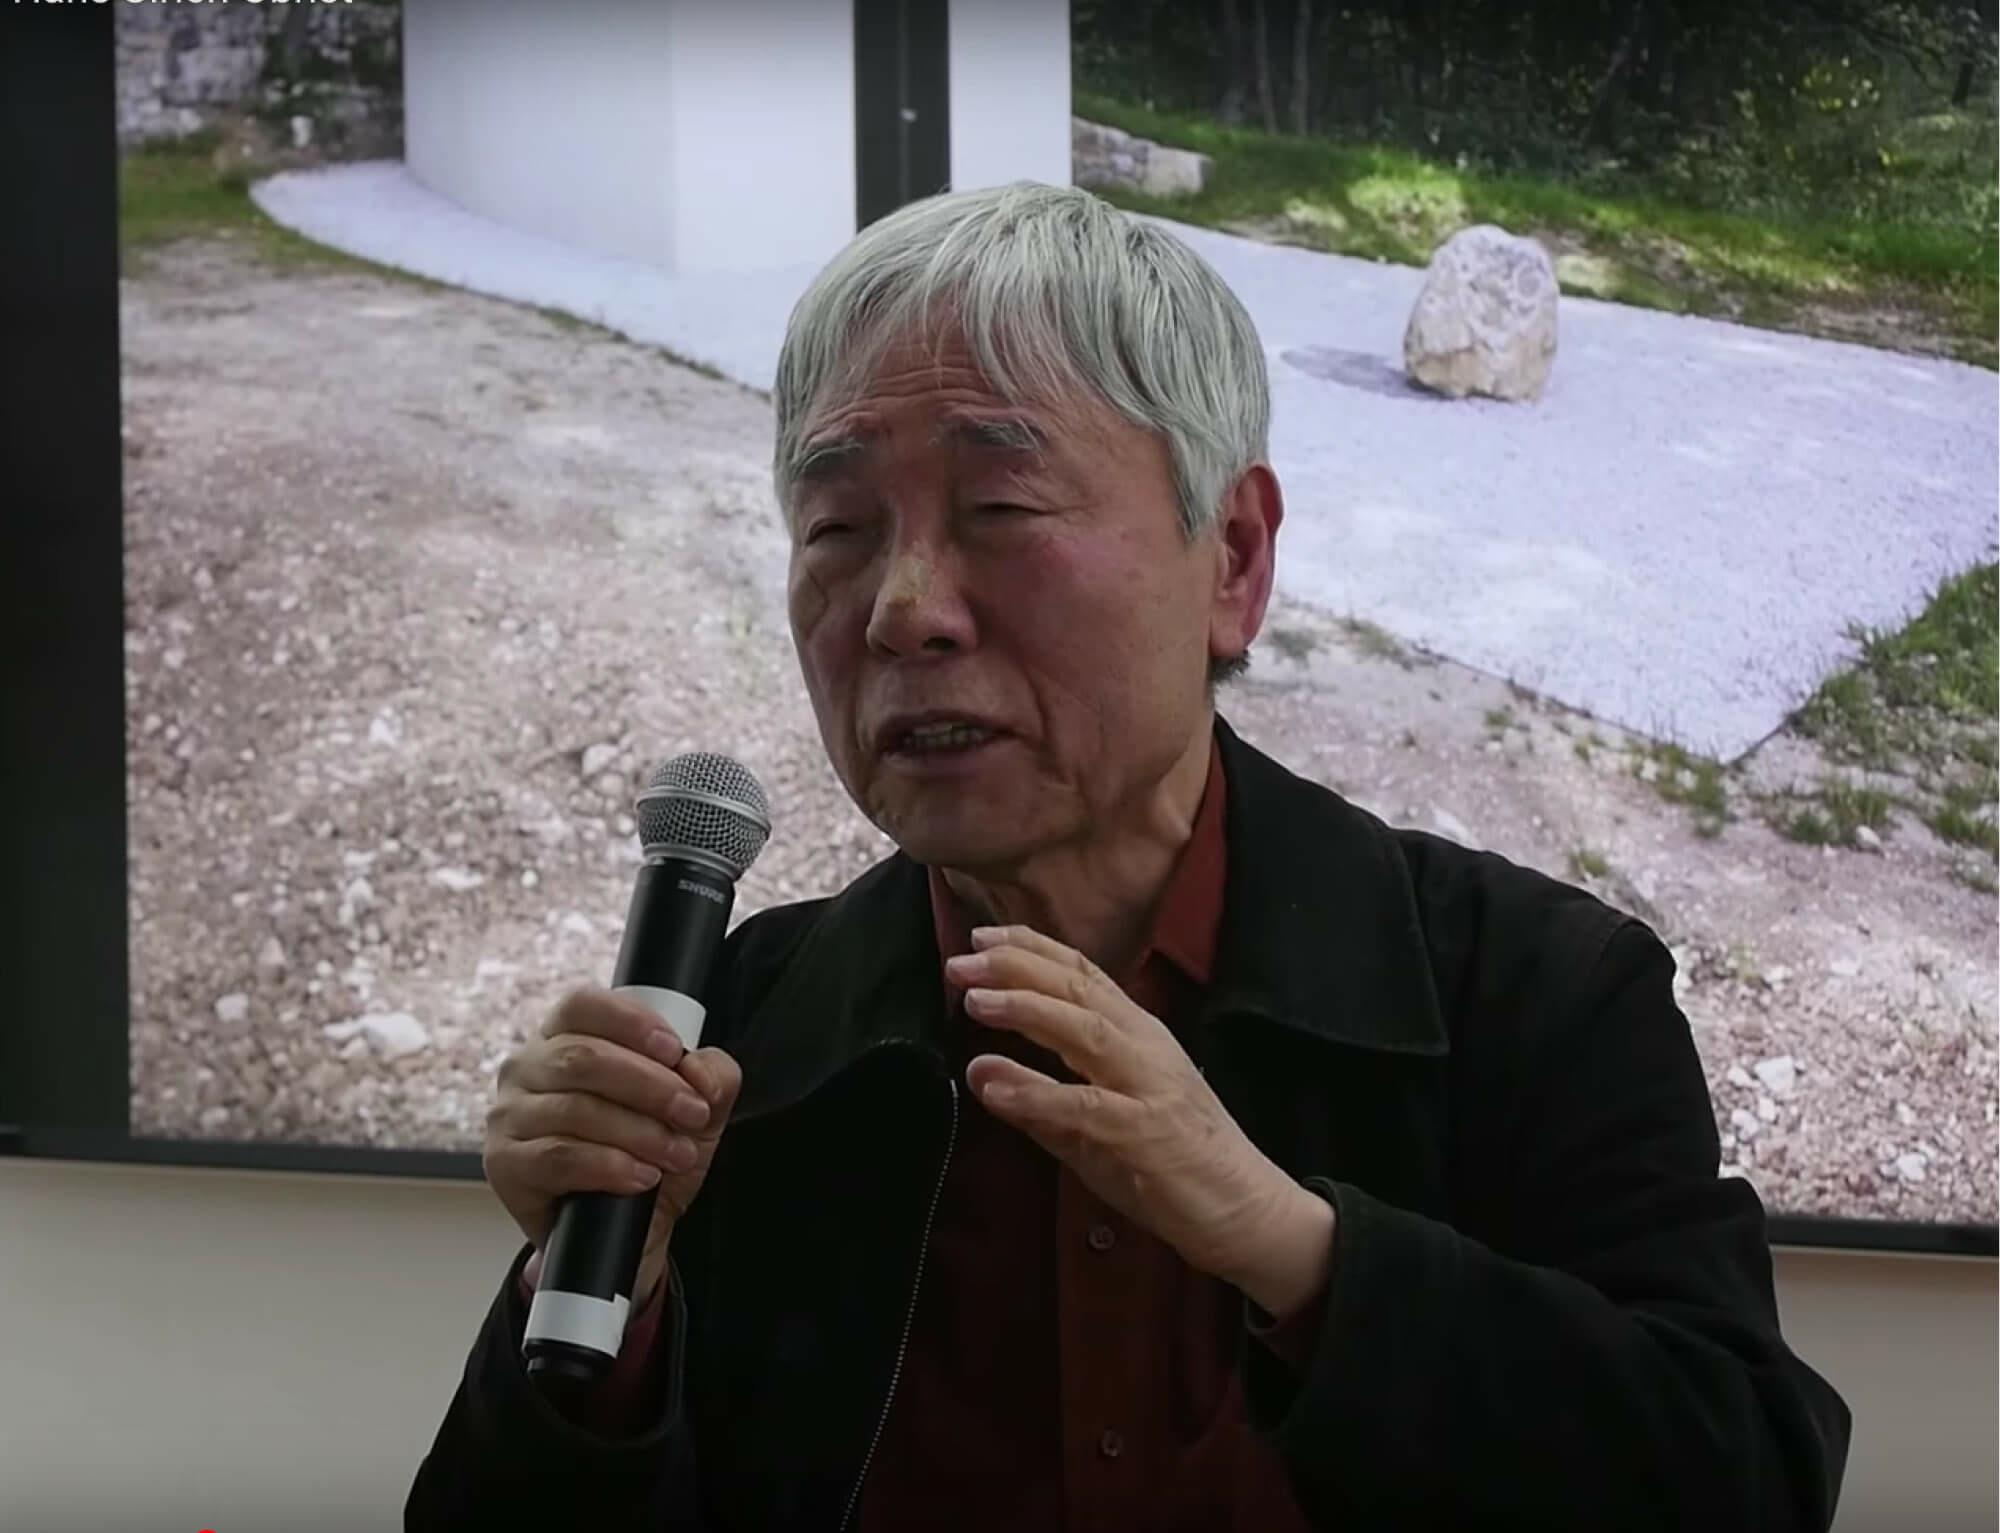 Watch: Lee Ufan in conversation with Hans Ulrich Obrist